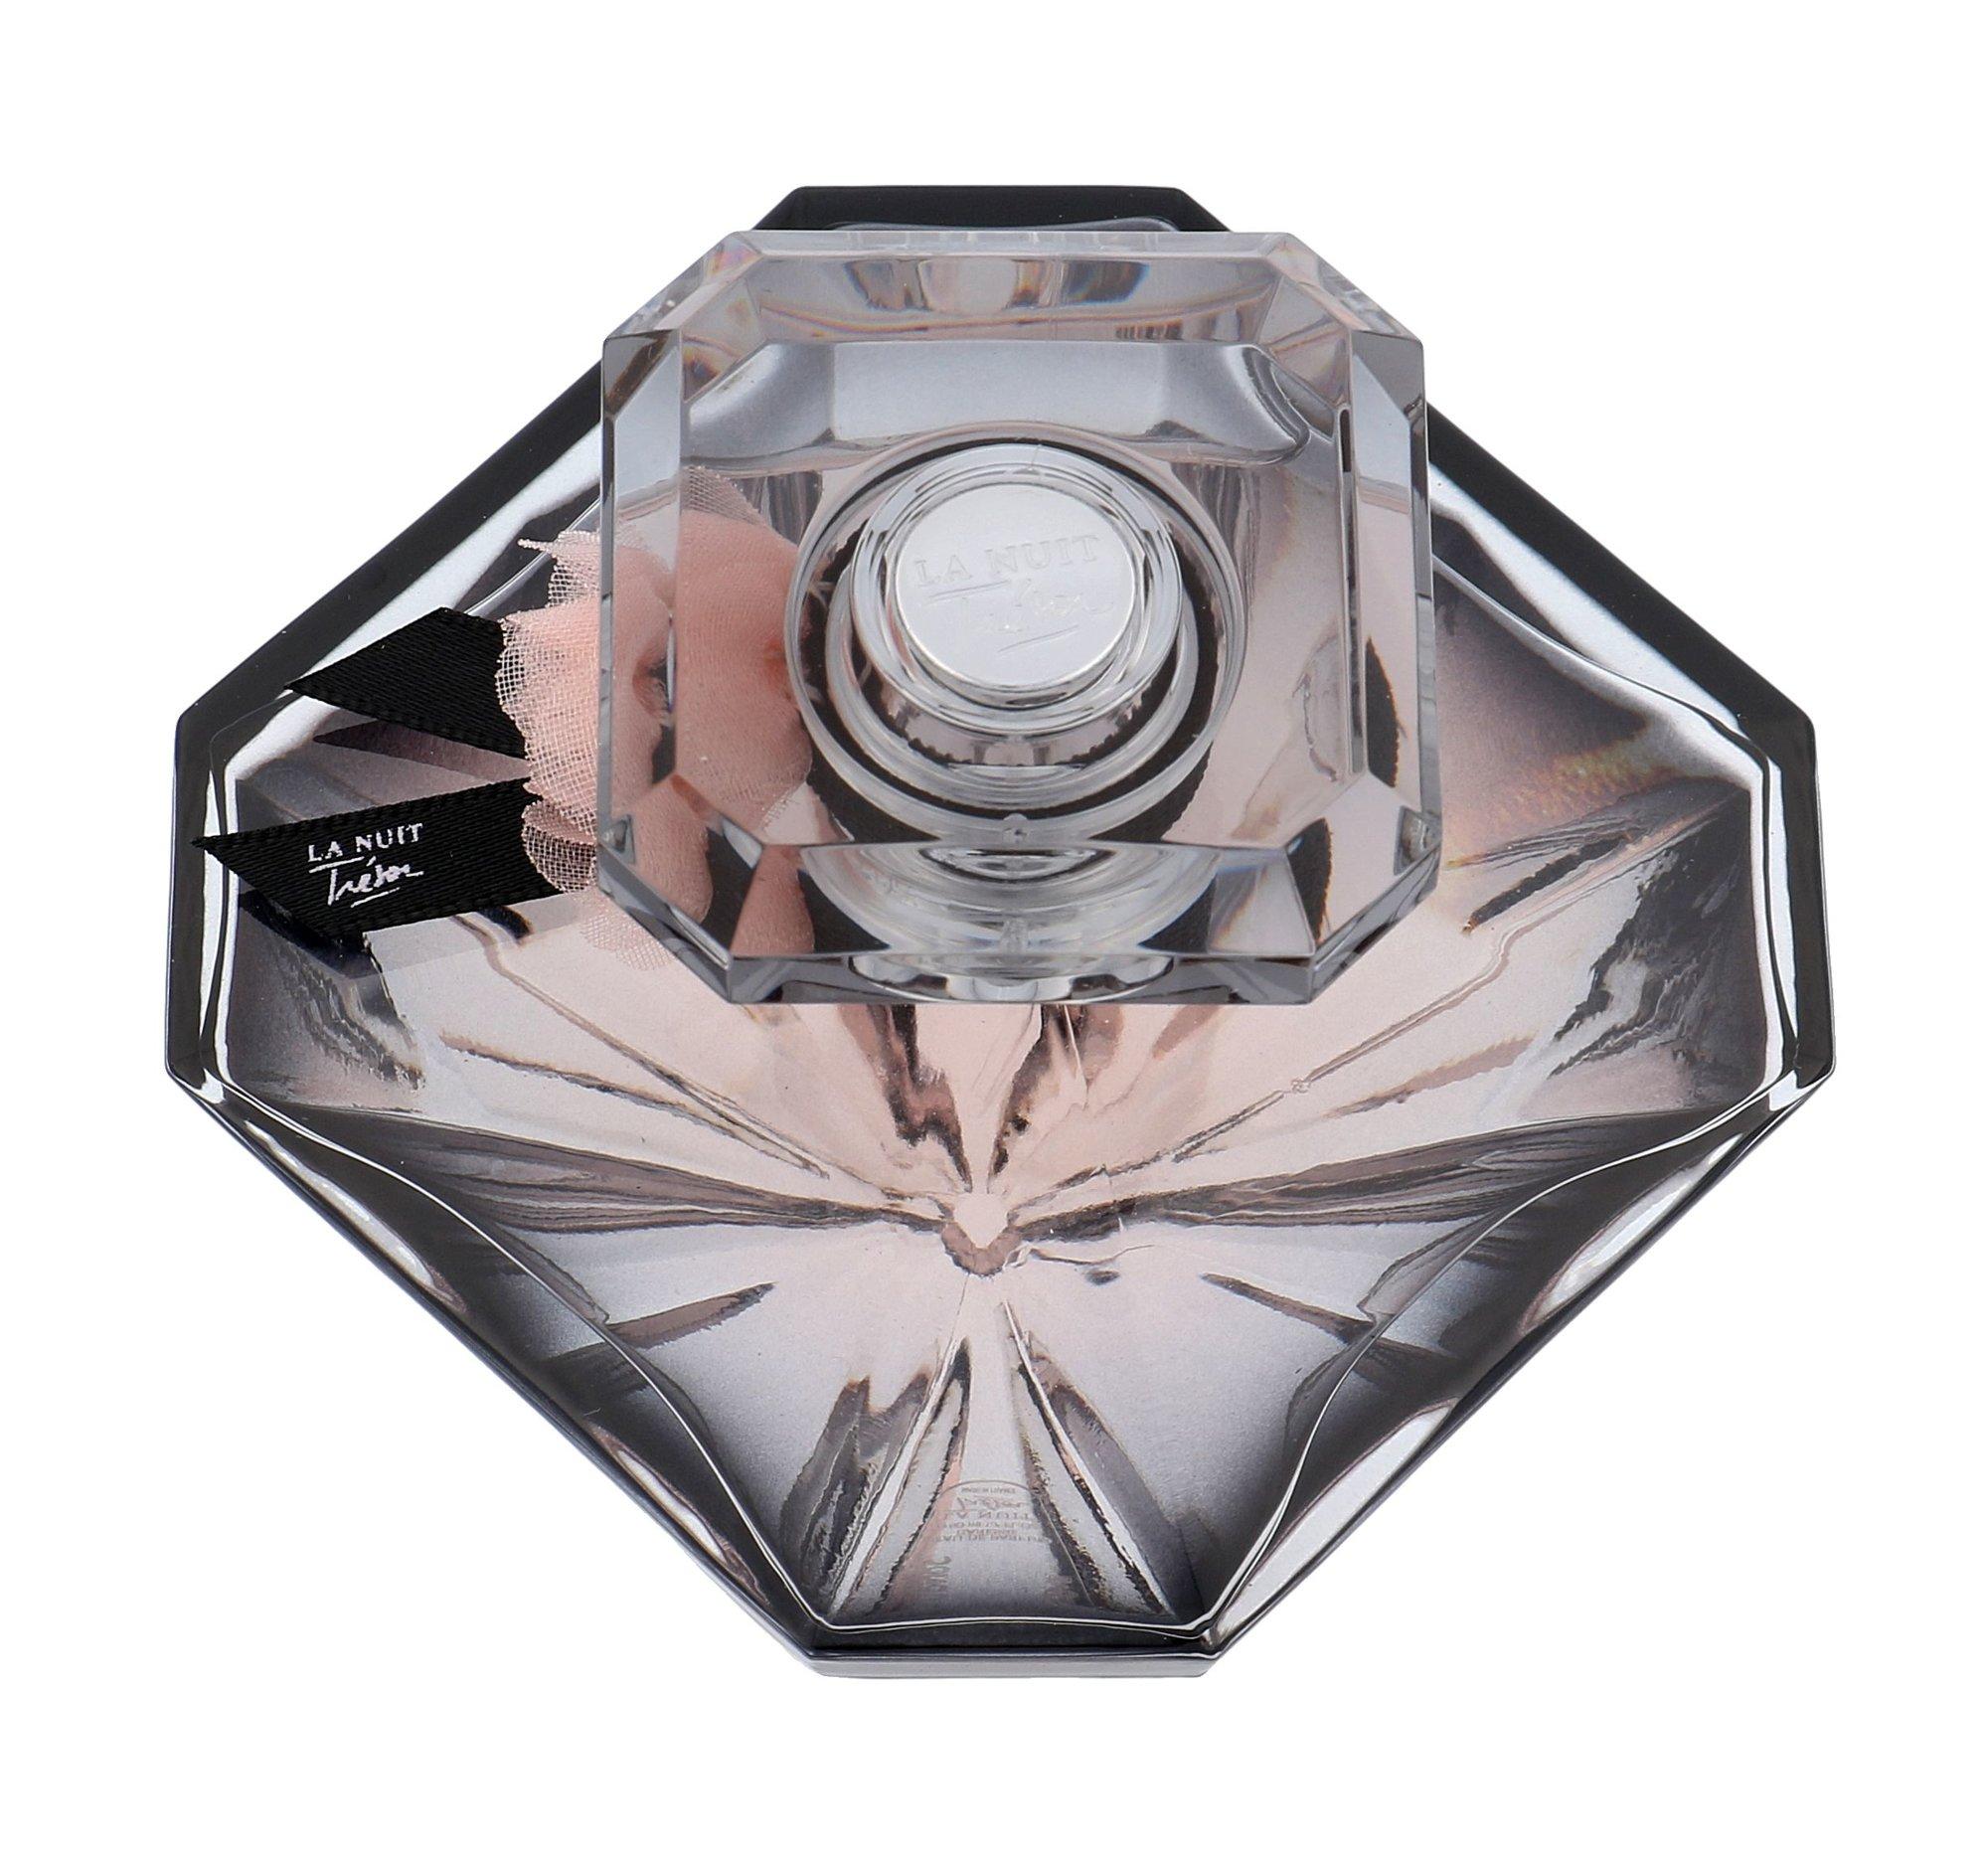 Lancôme La Nuit Trésor Eau de Parfum 50ml